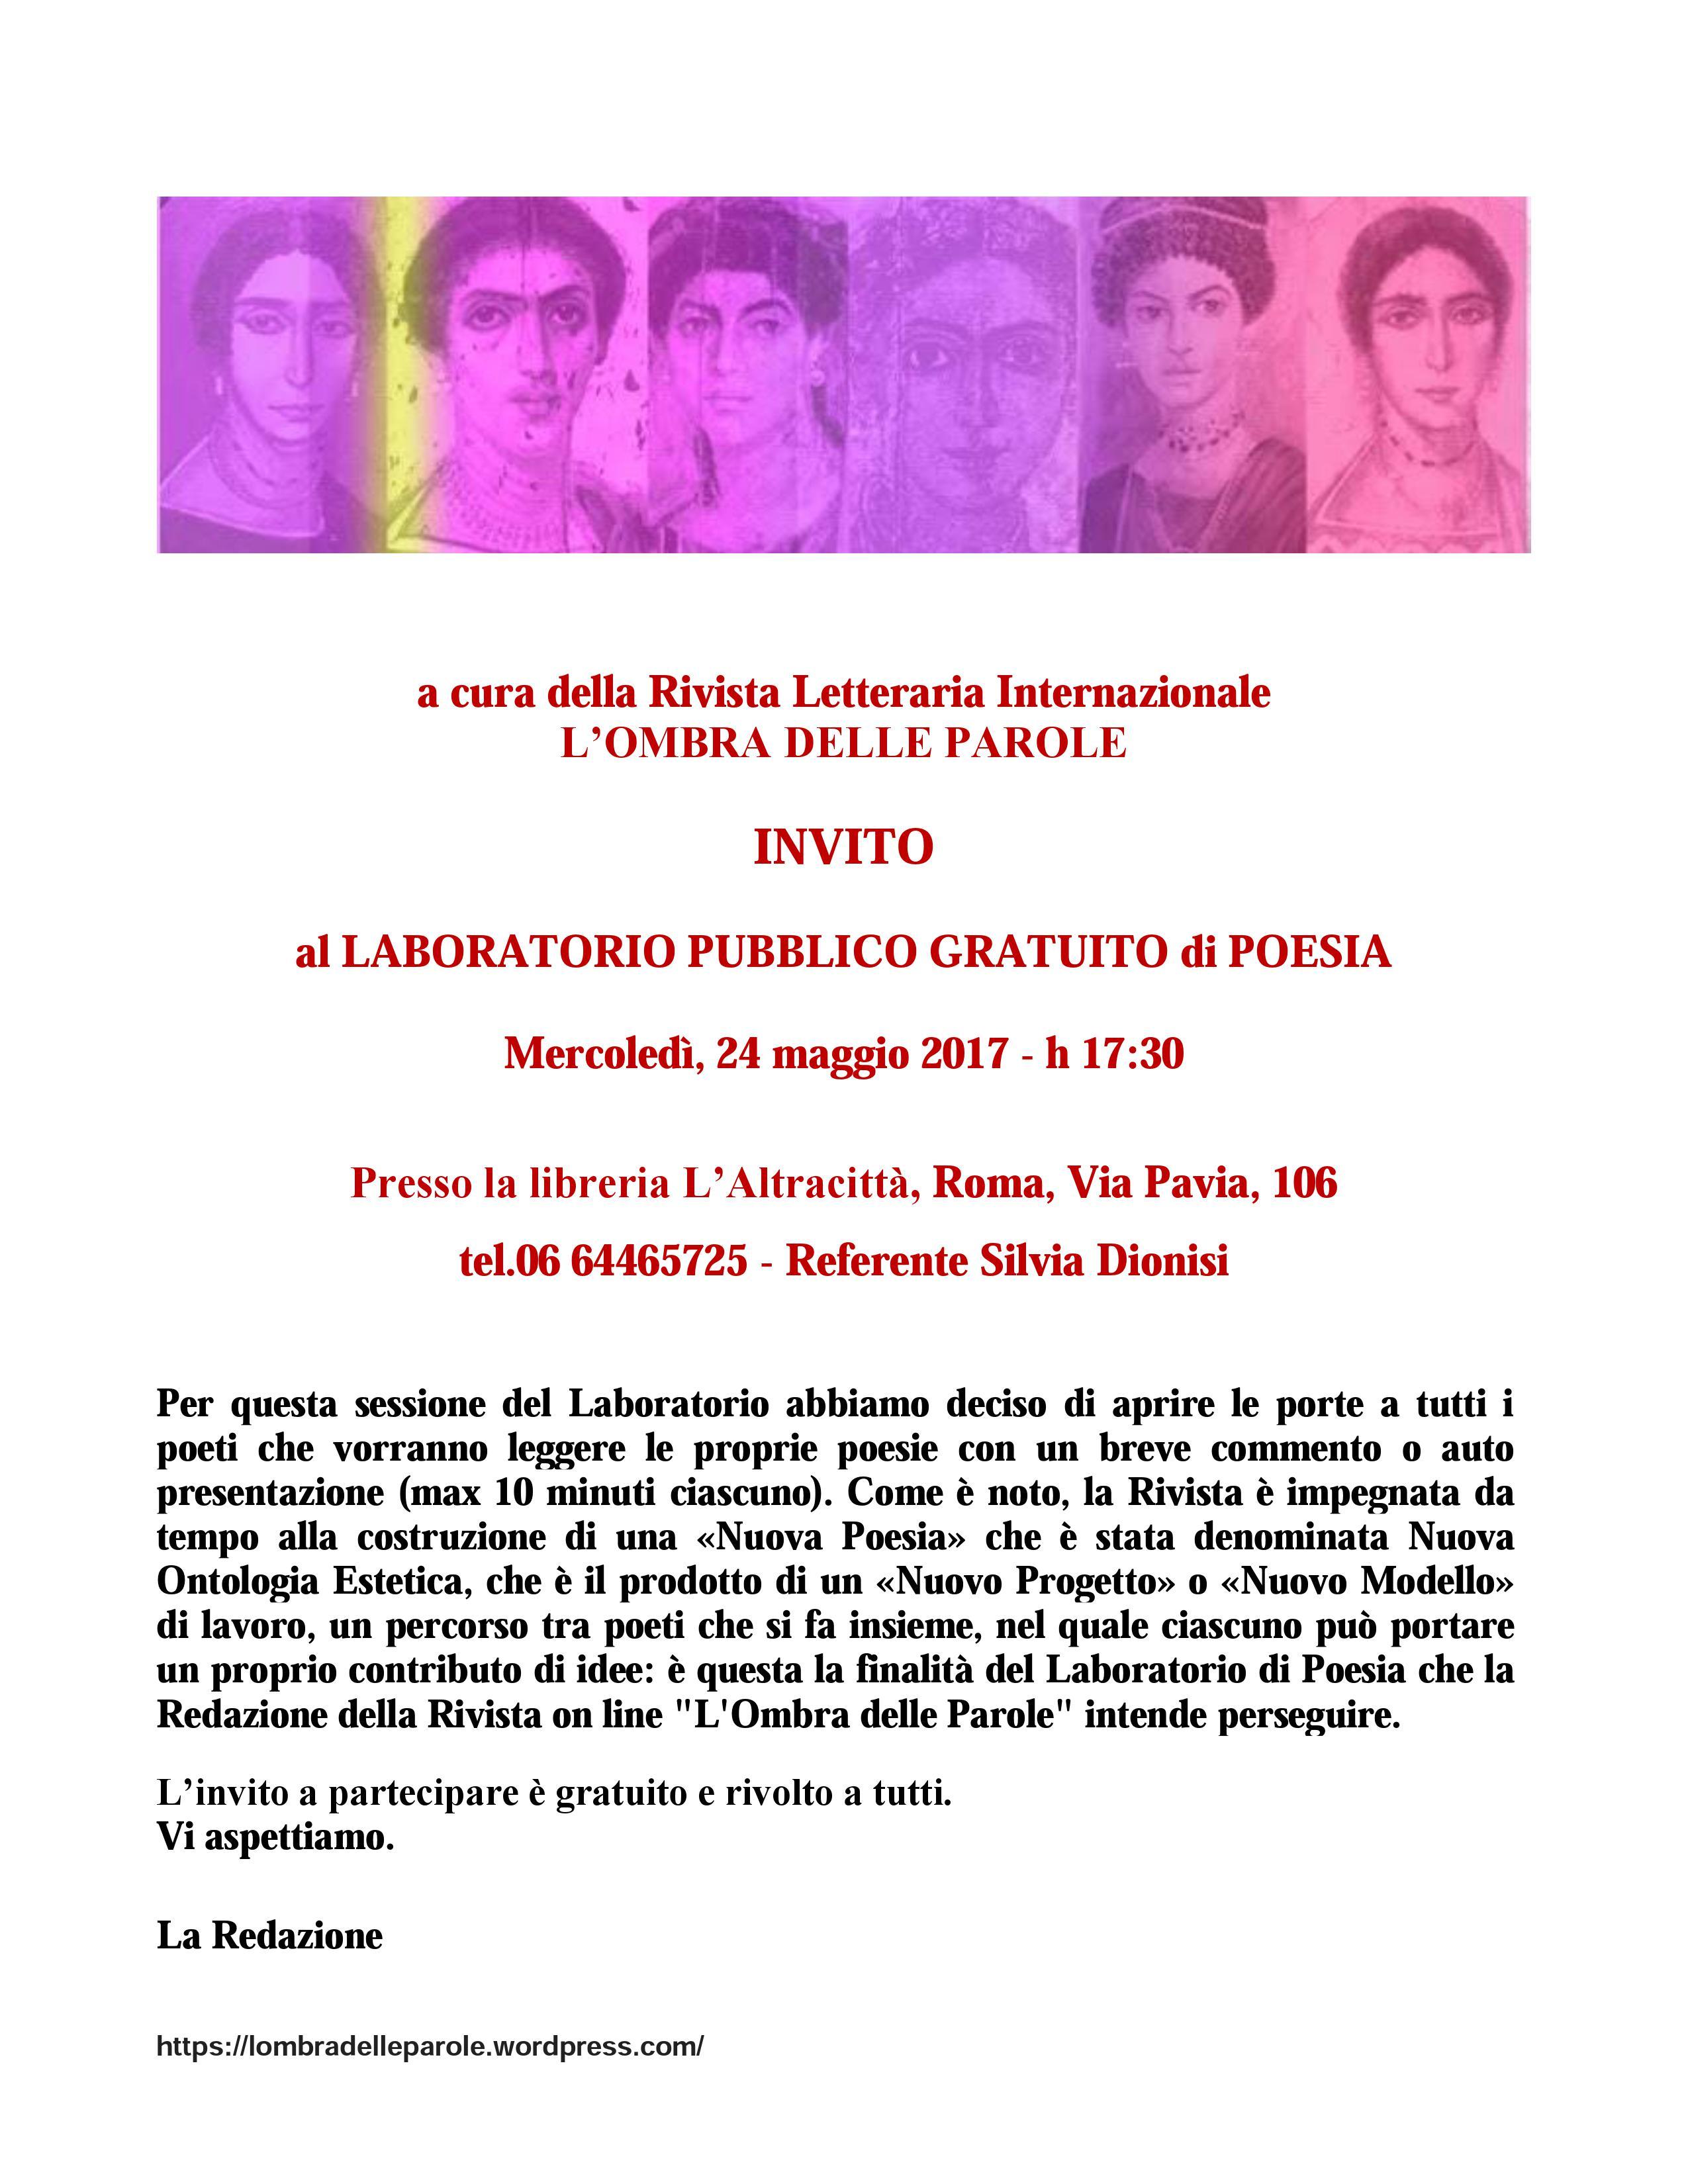 Invito Laboratorio 24 maggio 2017